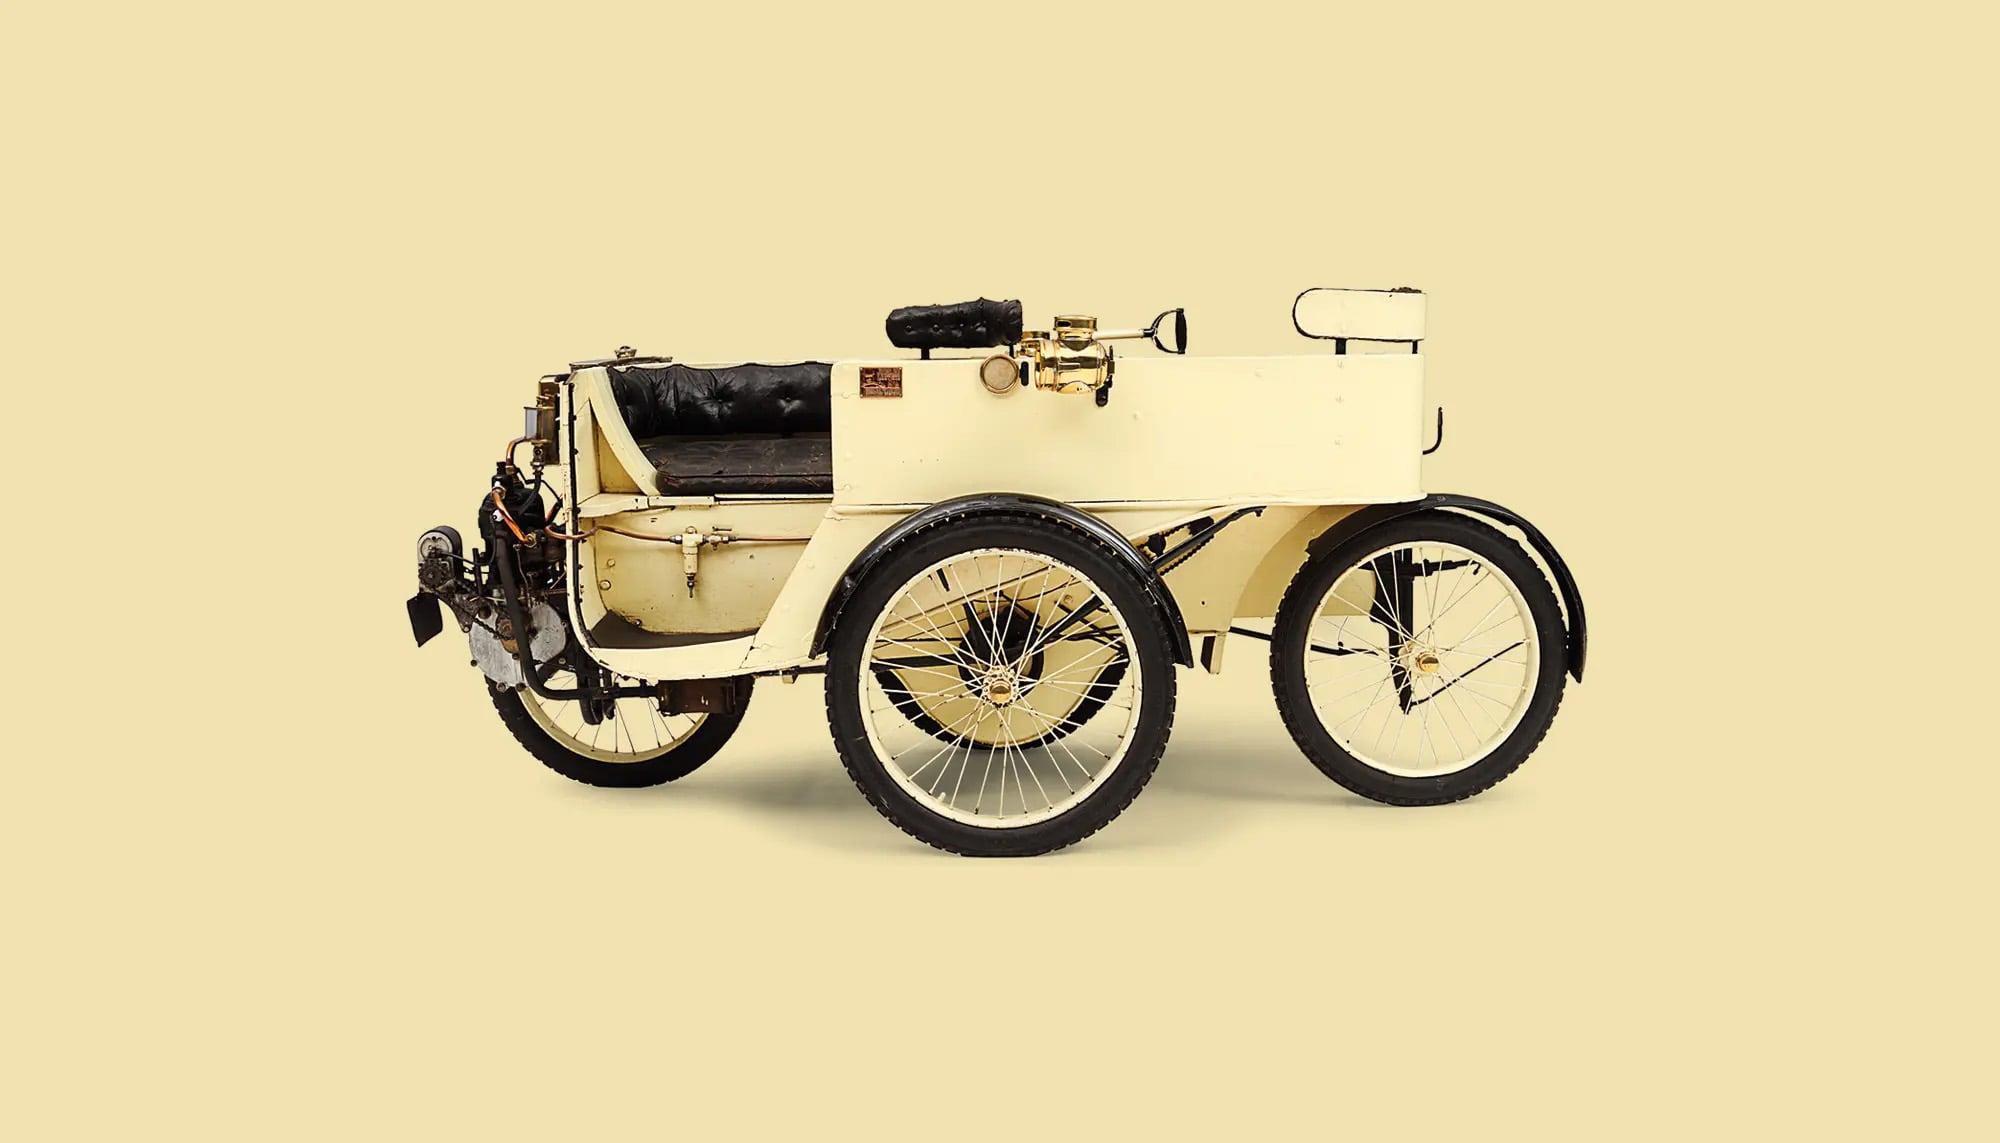 Bekijk Sunbeam-Mabley Motor Sociable in het Louwman Museum